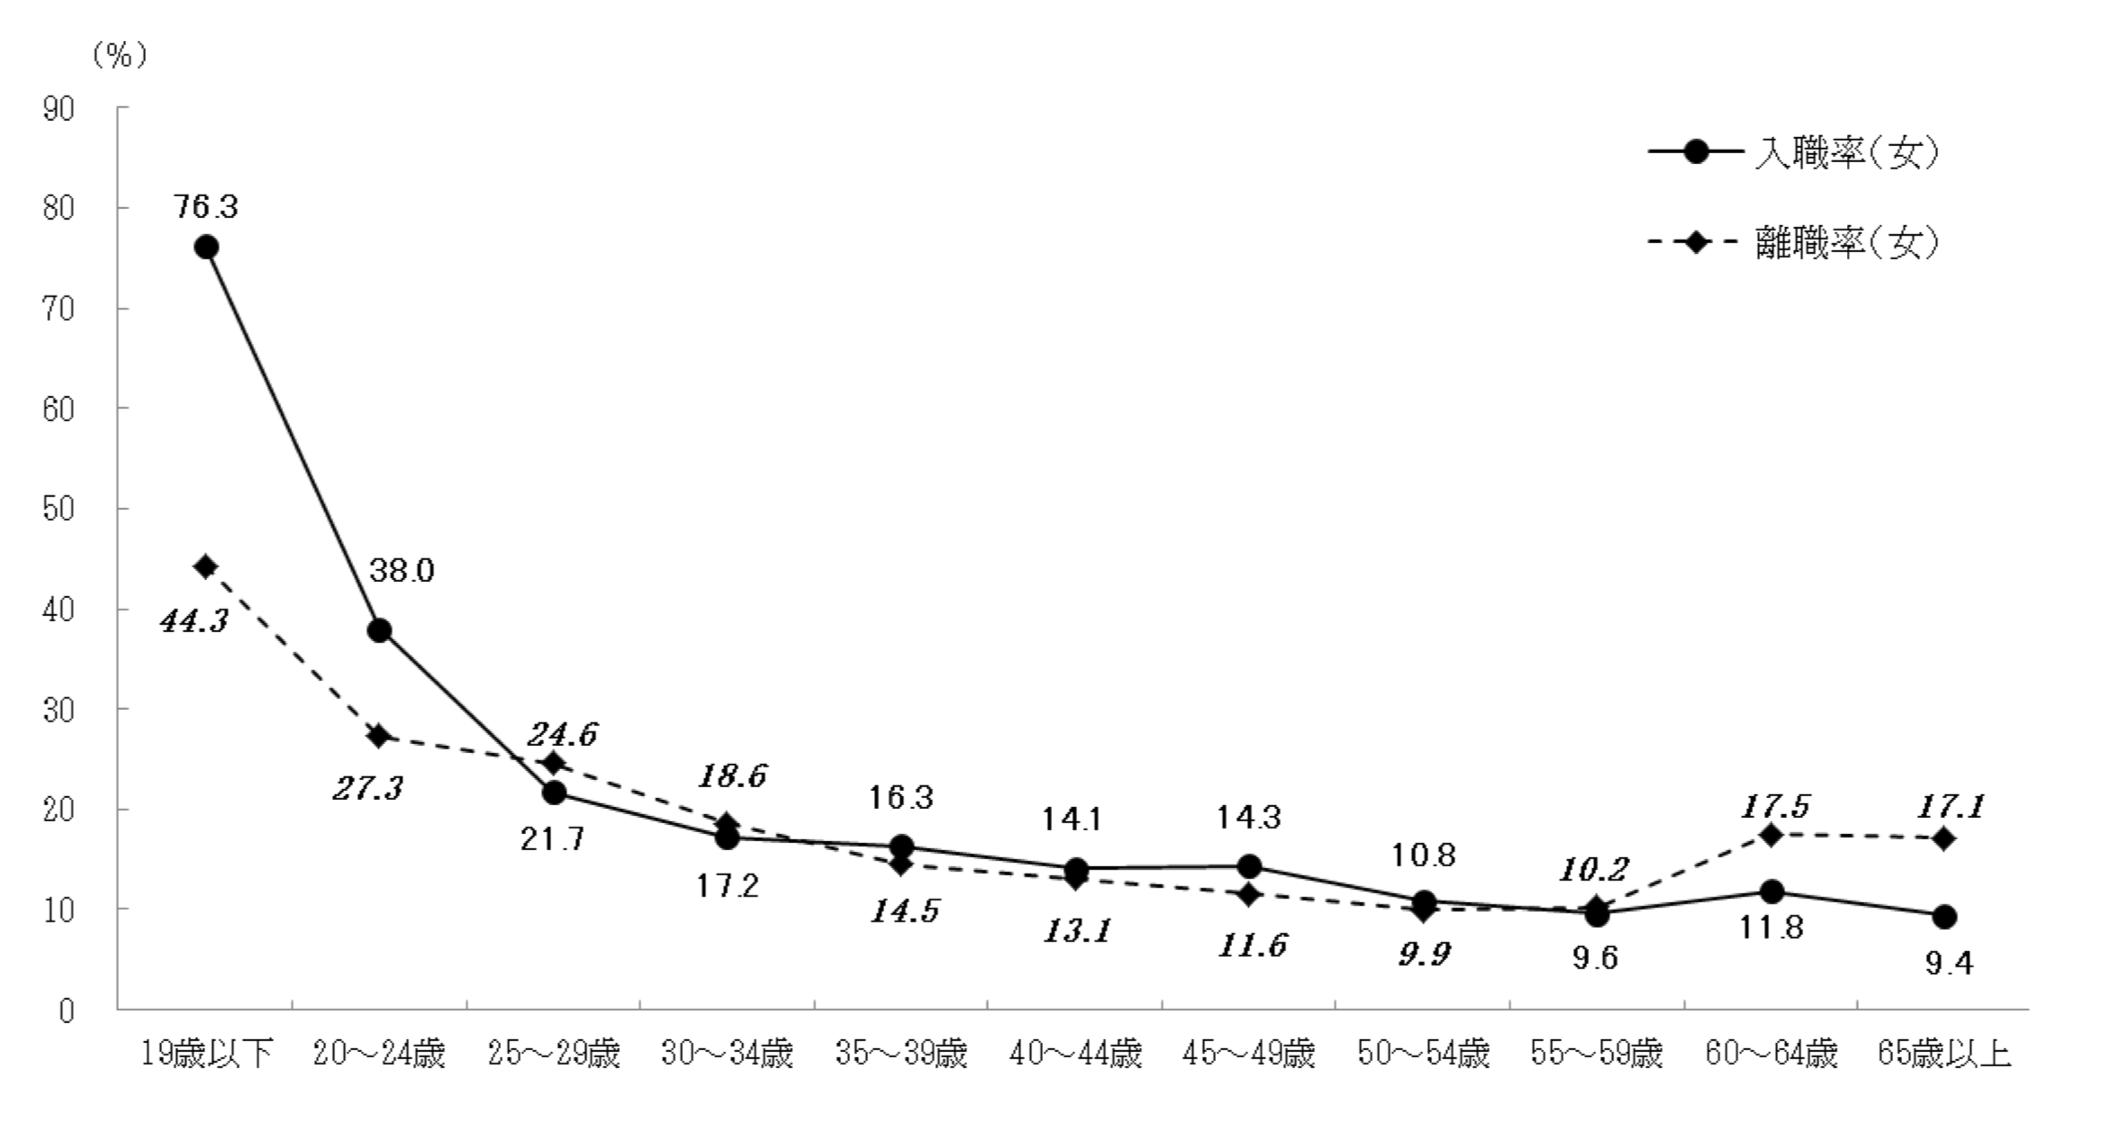 年齢階級別入職率・離職率(平成29年・女)